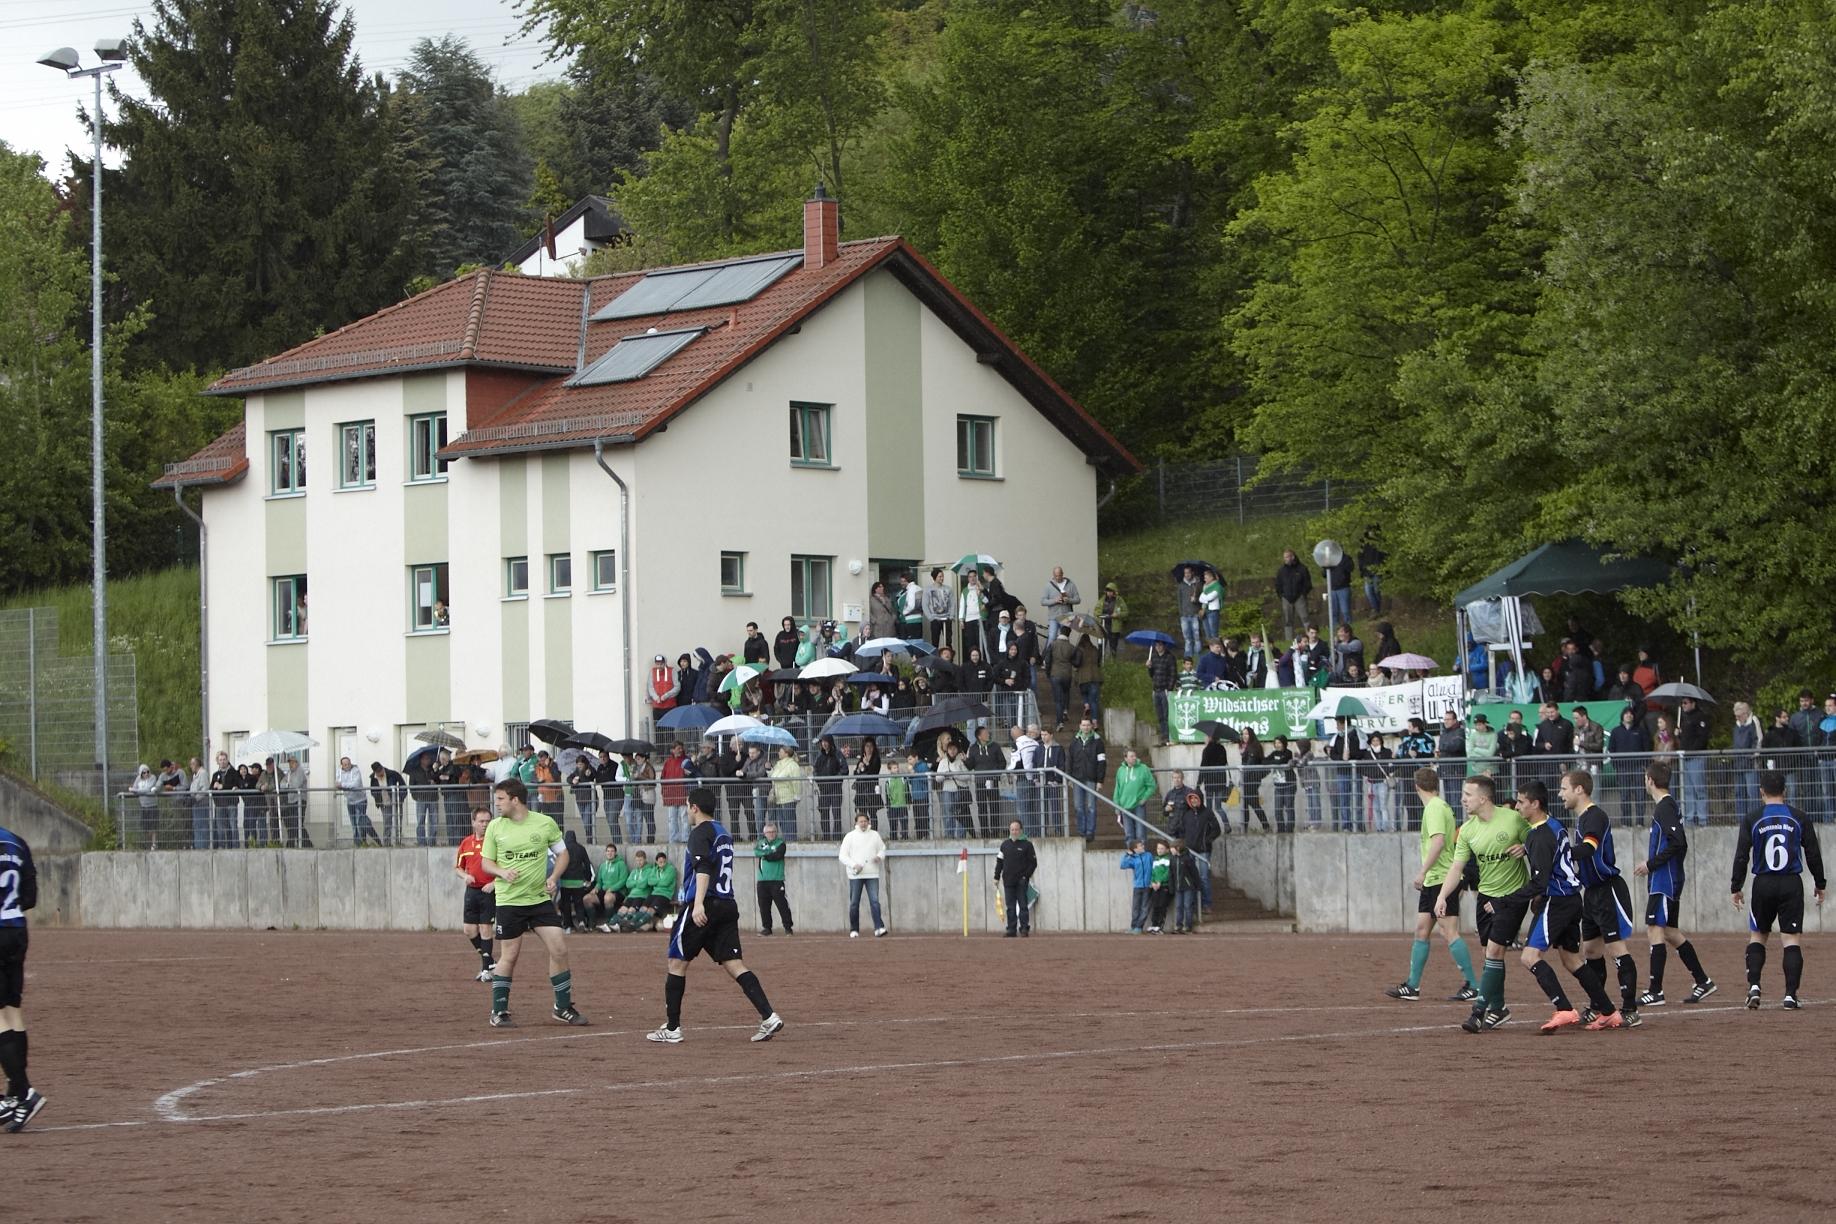 Vereinsheim.jpg